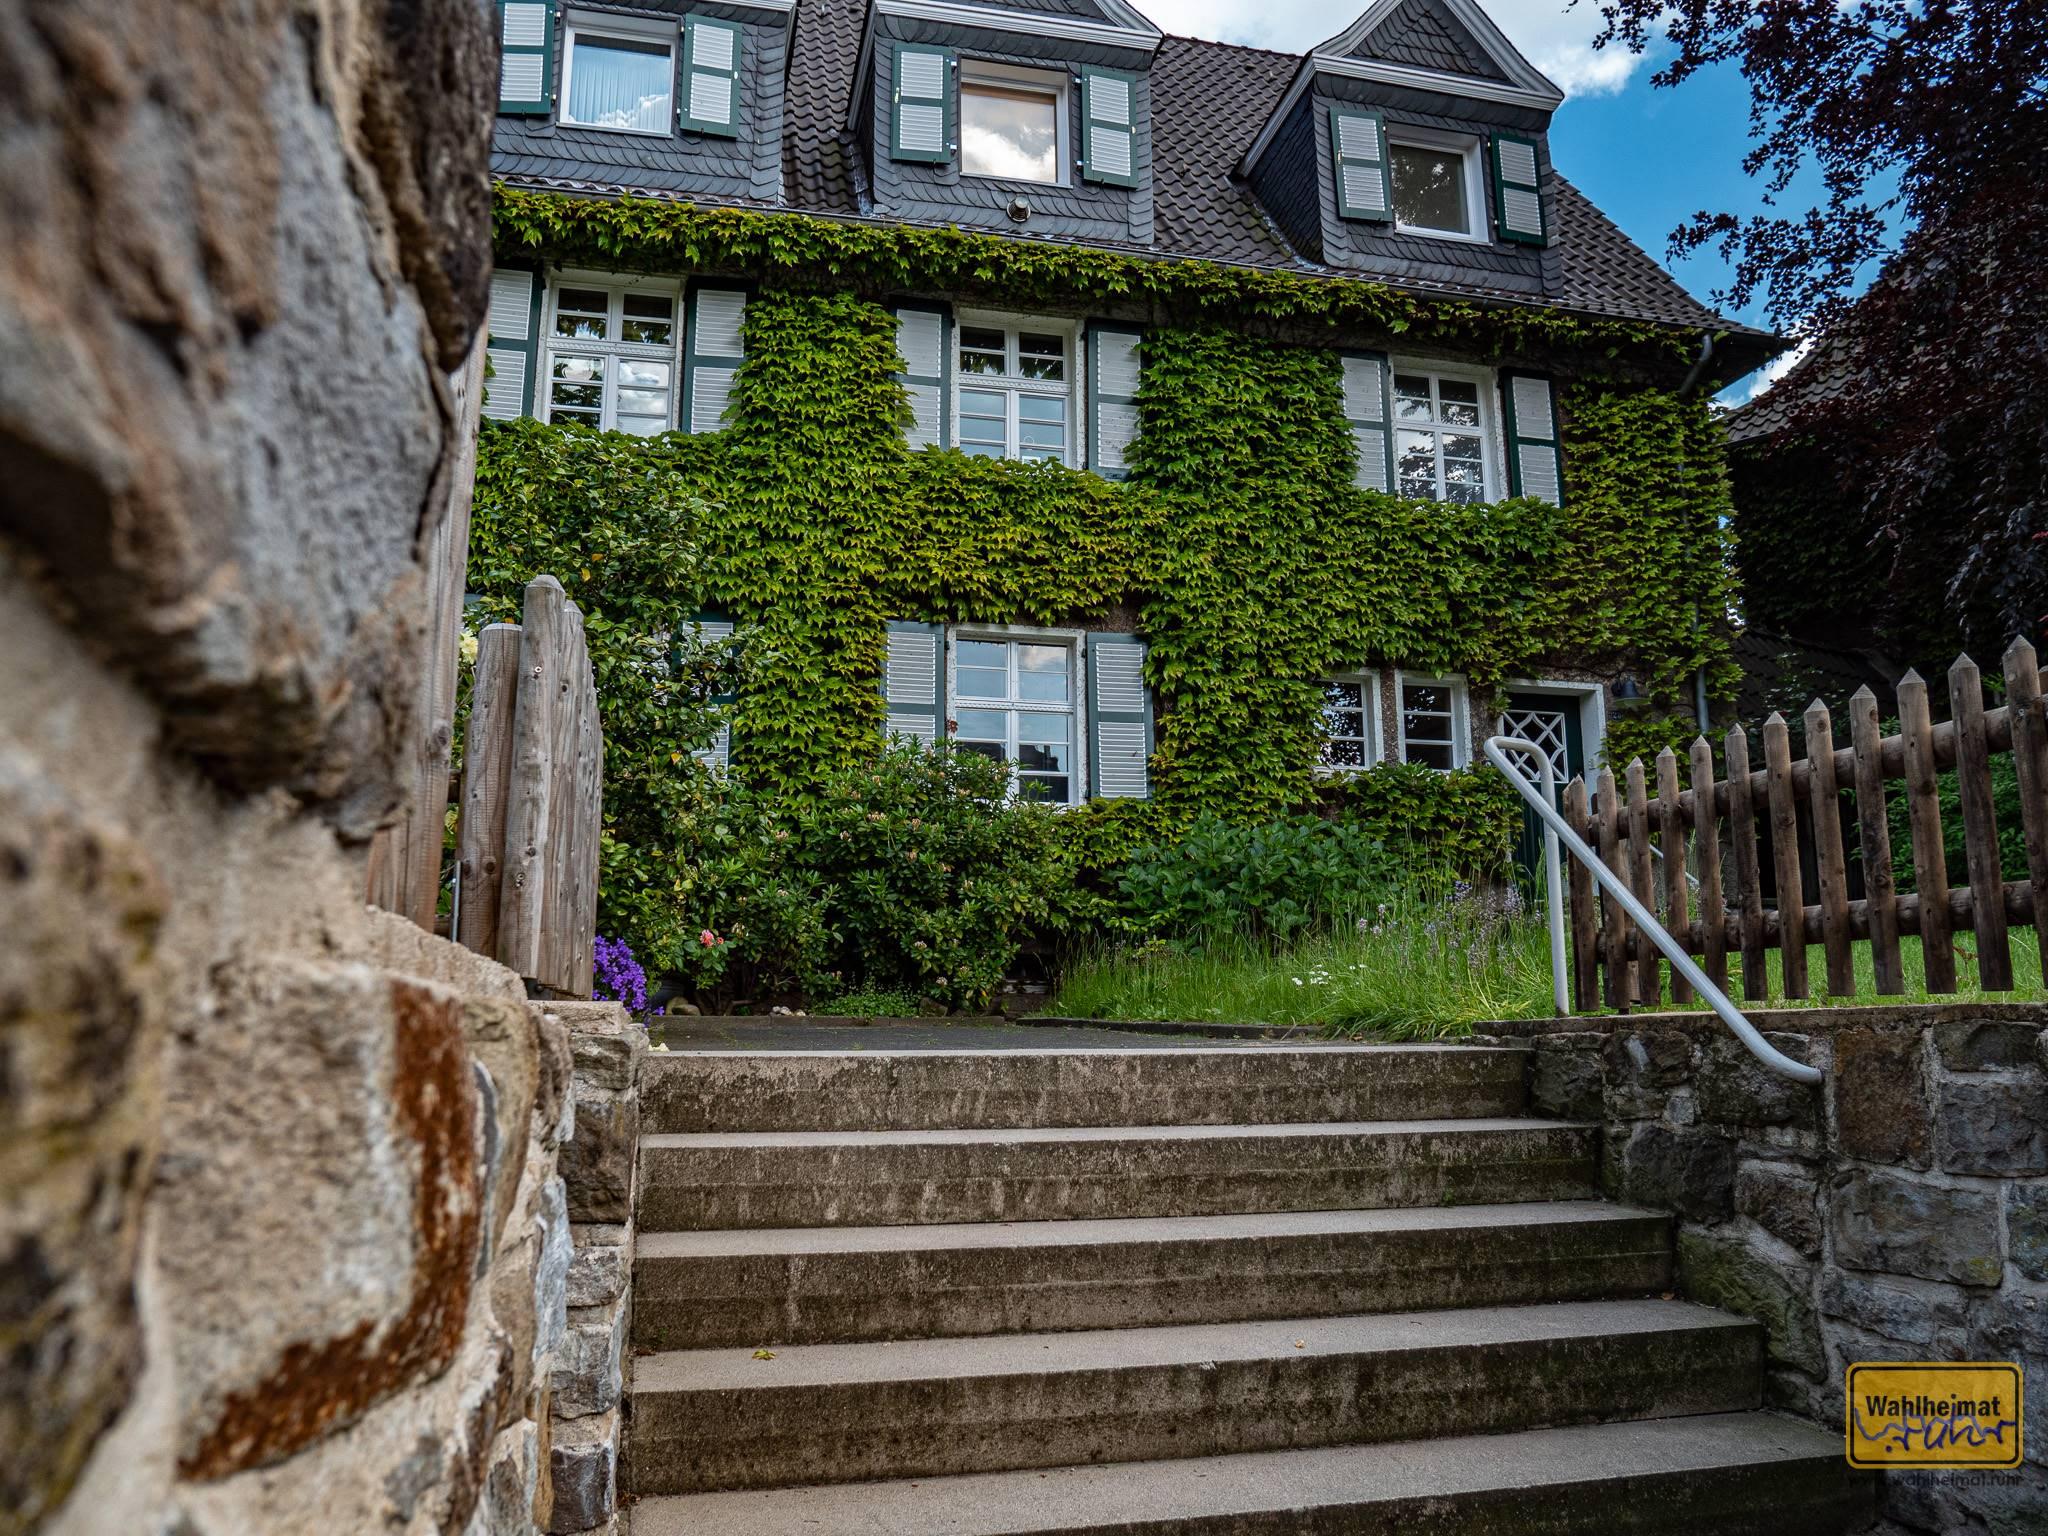 Typisch für so viele Fassaden schlingt sich auch hier Grün an der Hauswand empor.